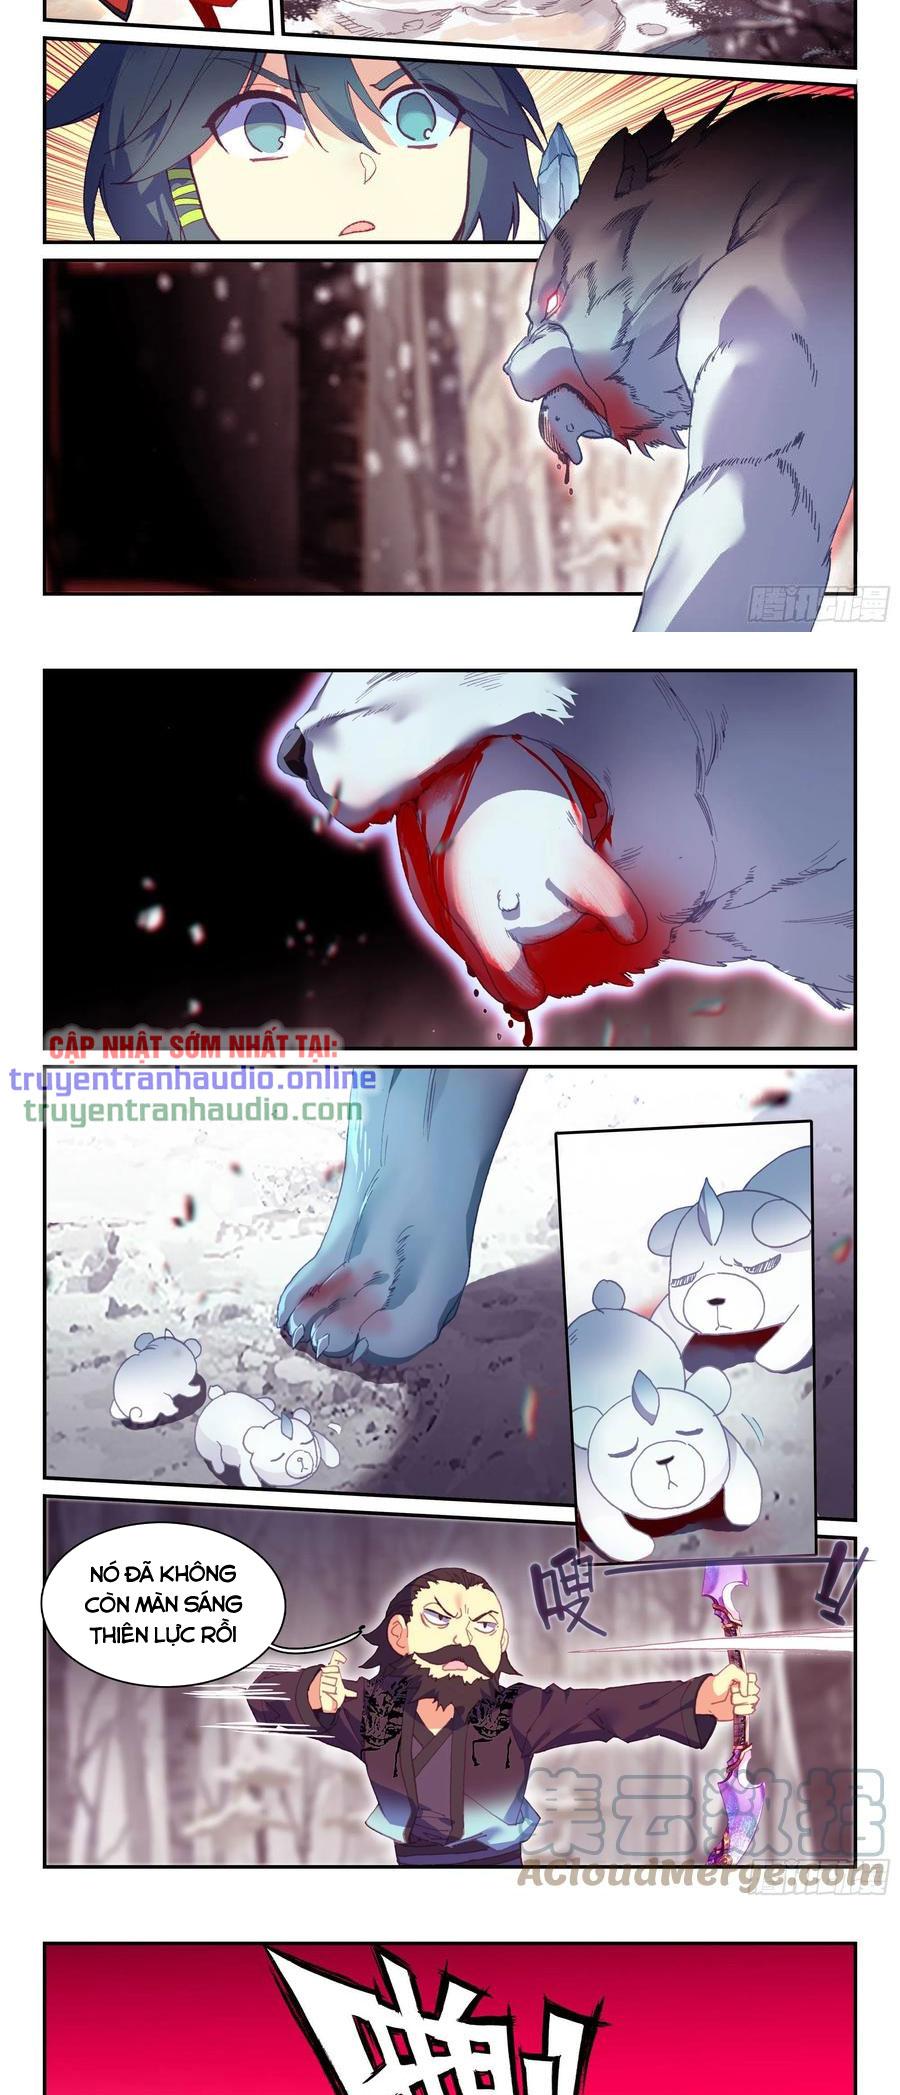 Thiên Châu Biến Chương 60 - Vcomic.net